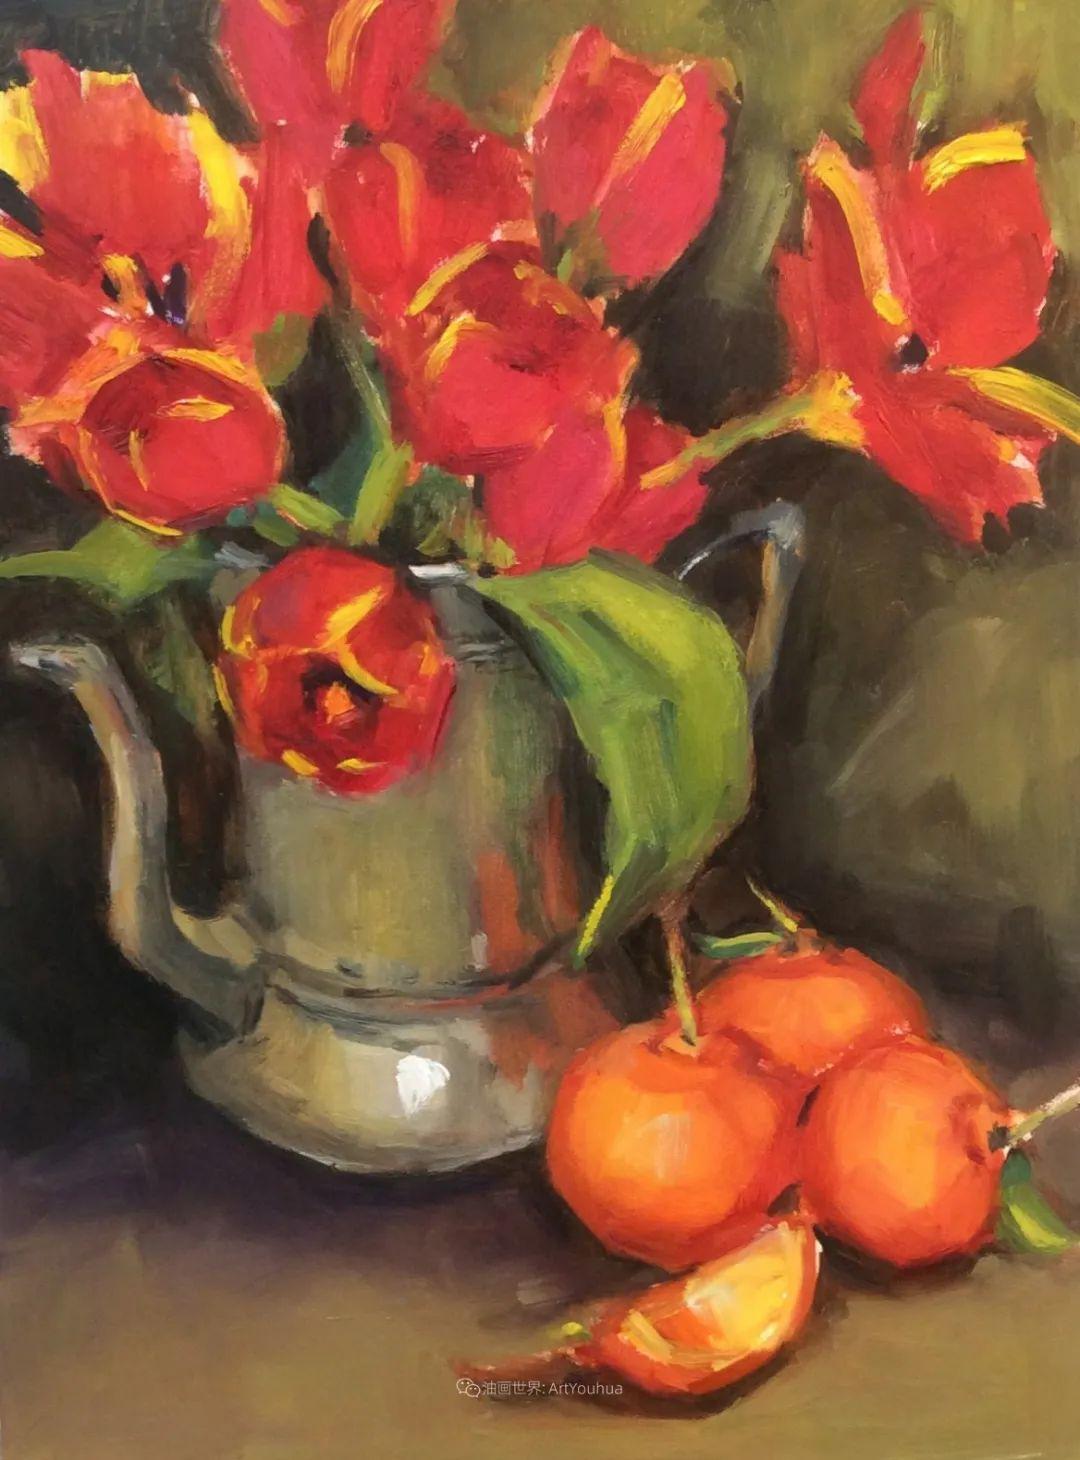 大笔触、充满活力色彩的花卉,美国女画家劳里·莱普科斯卡插图29